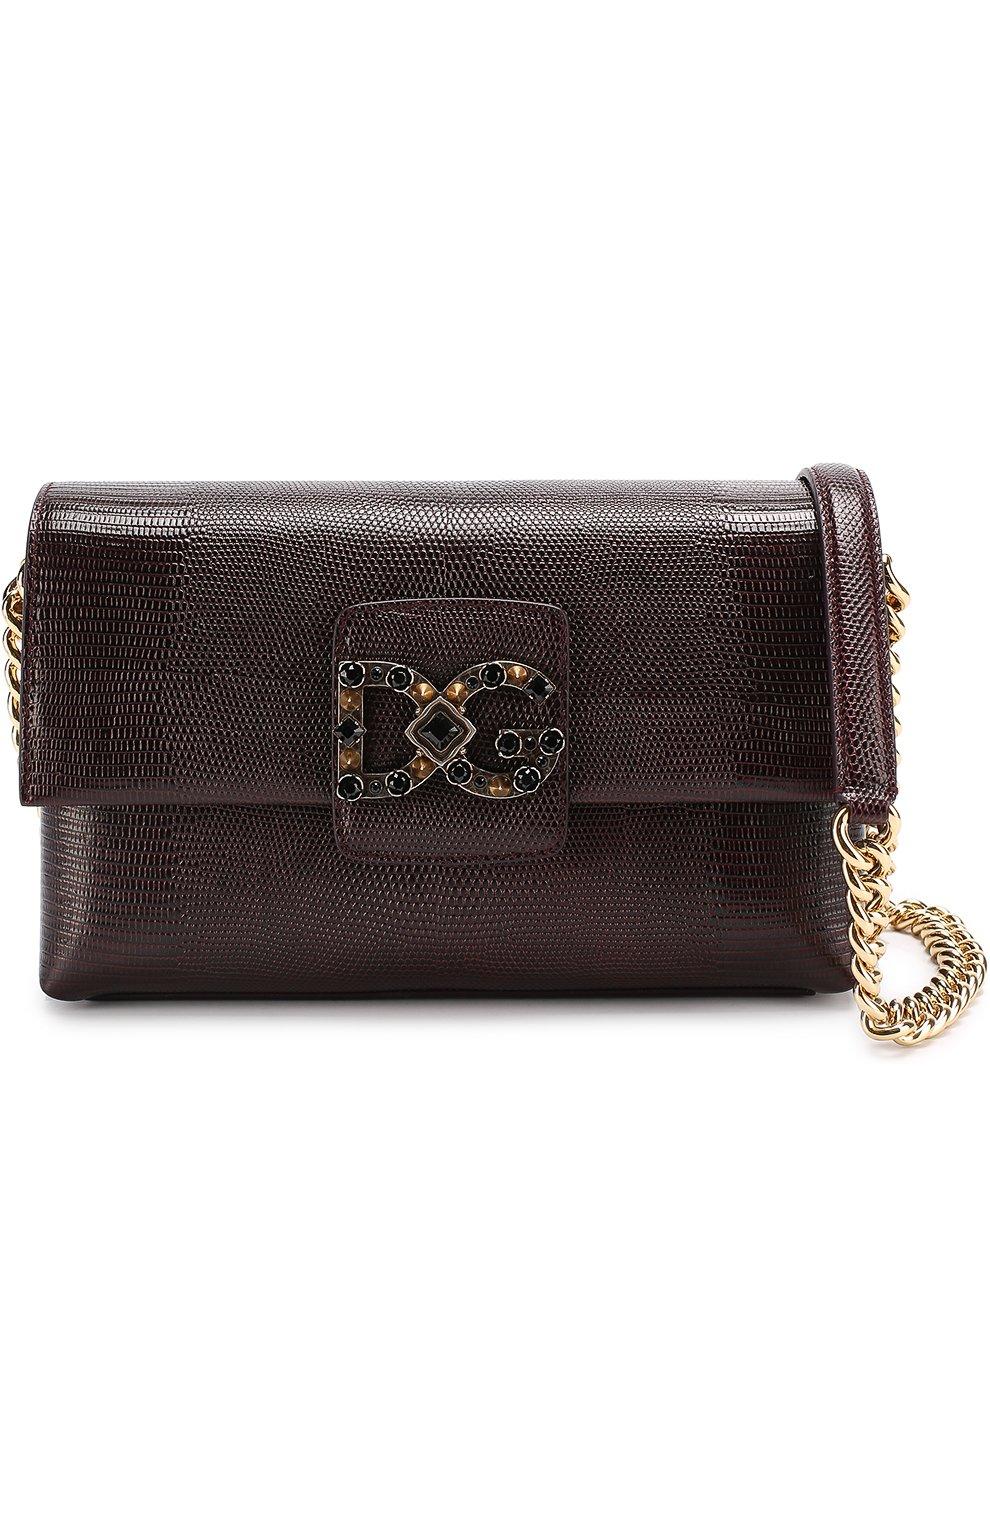 Сумка DG Millennials Dolce & Gabbana бордовая цвета   Фото №5